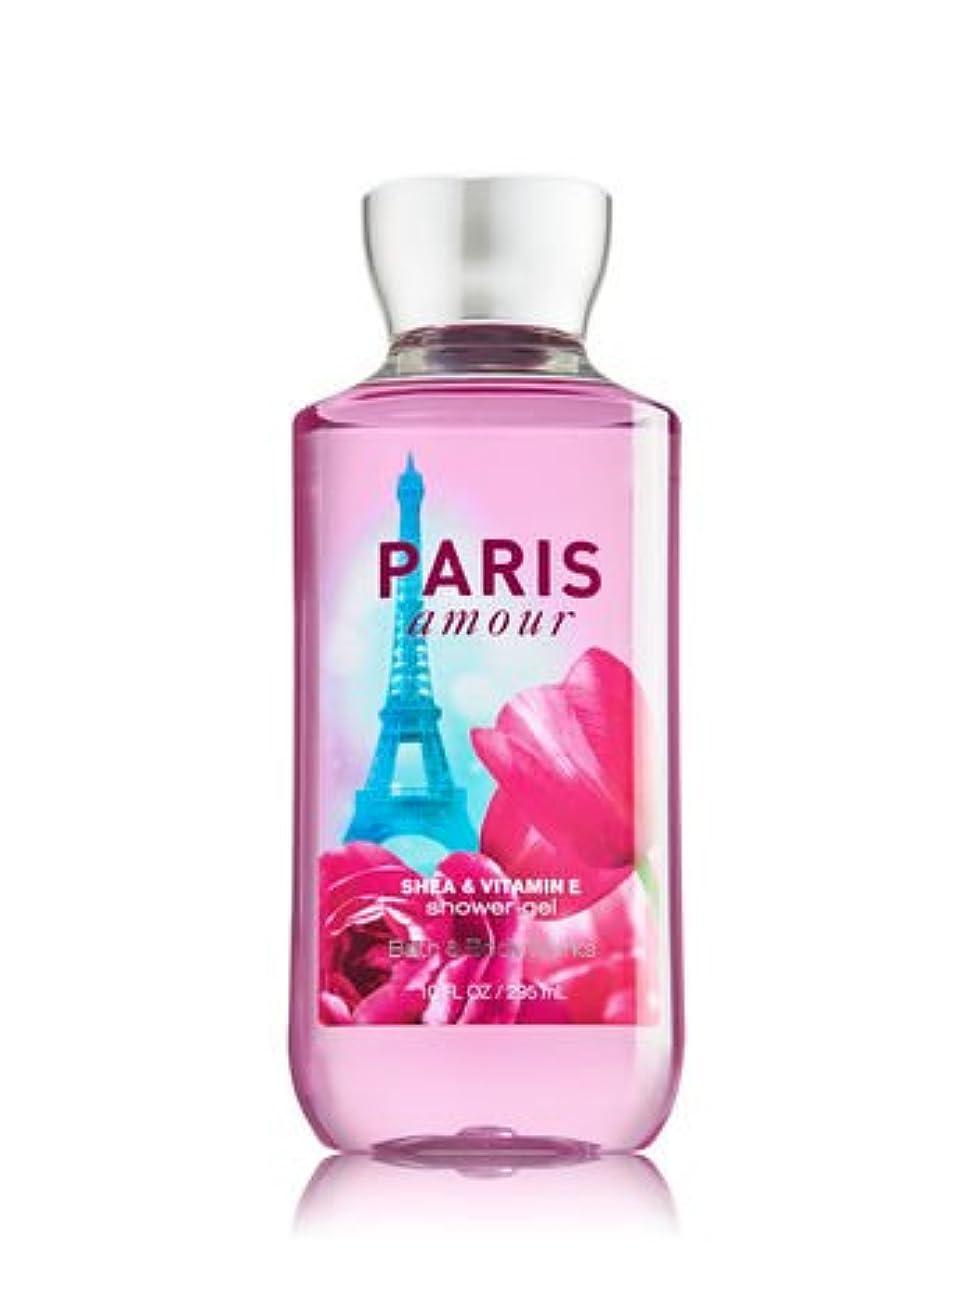 バス&ボディワークス パリスアモール シャワージェル Paris Amour Shower Gel [並行輸入品]